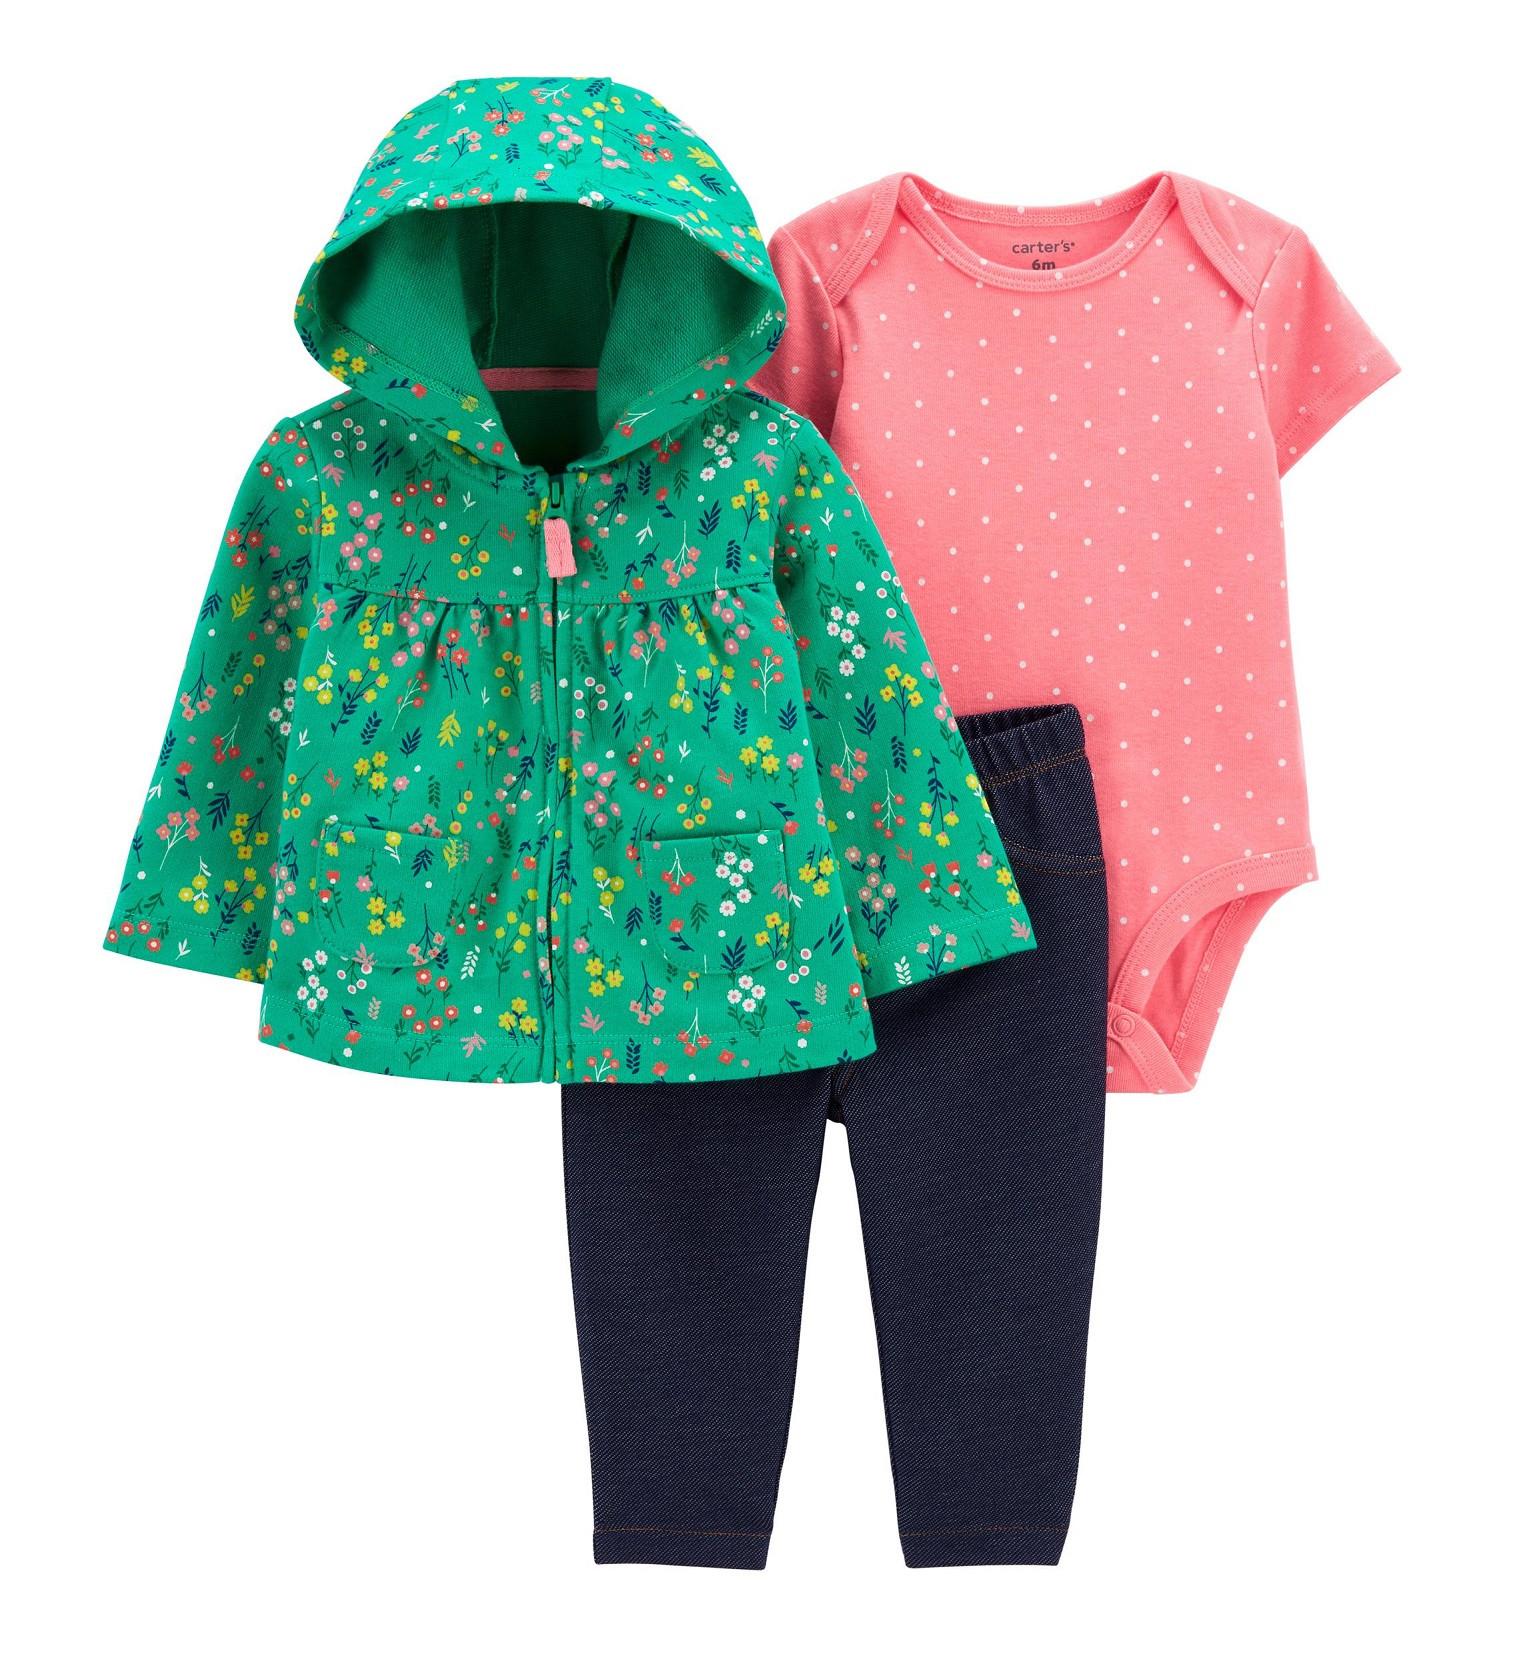 Купити Набір 3в1 Floral Little Set Carters - фото 1